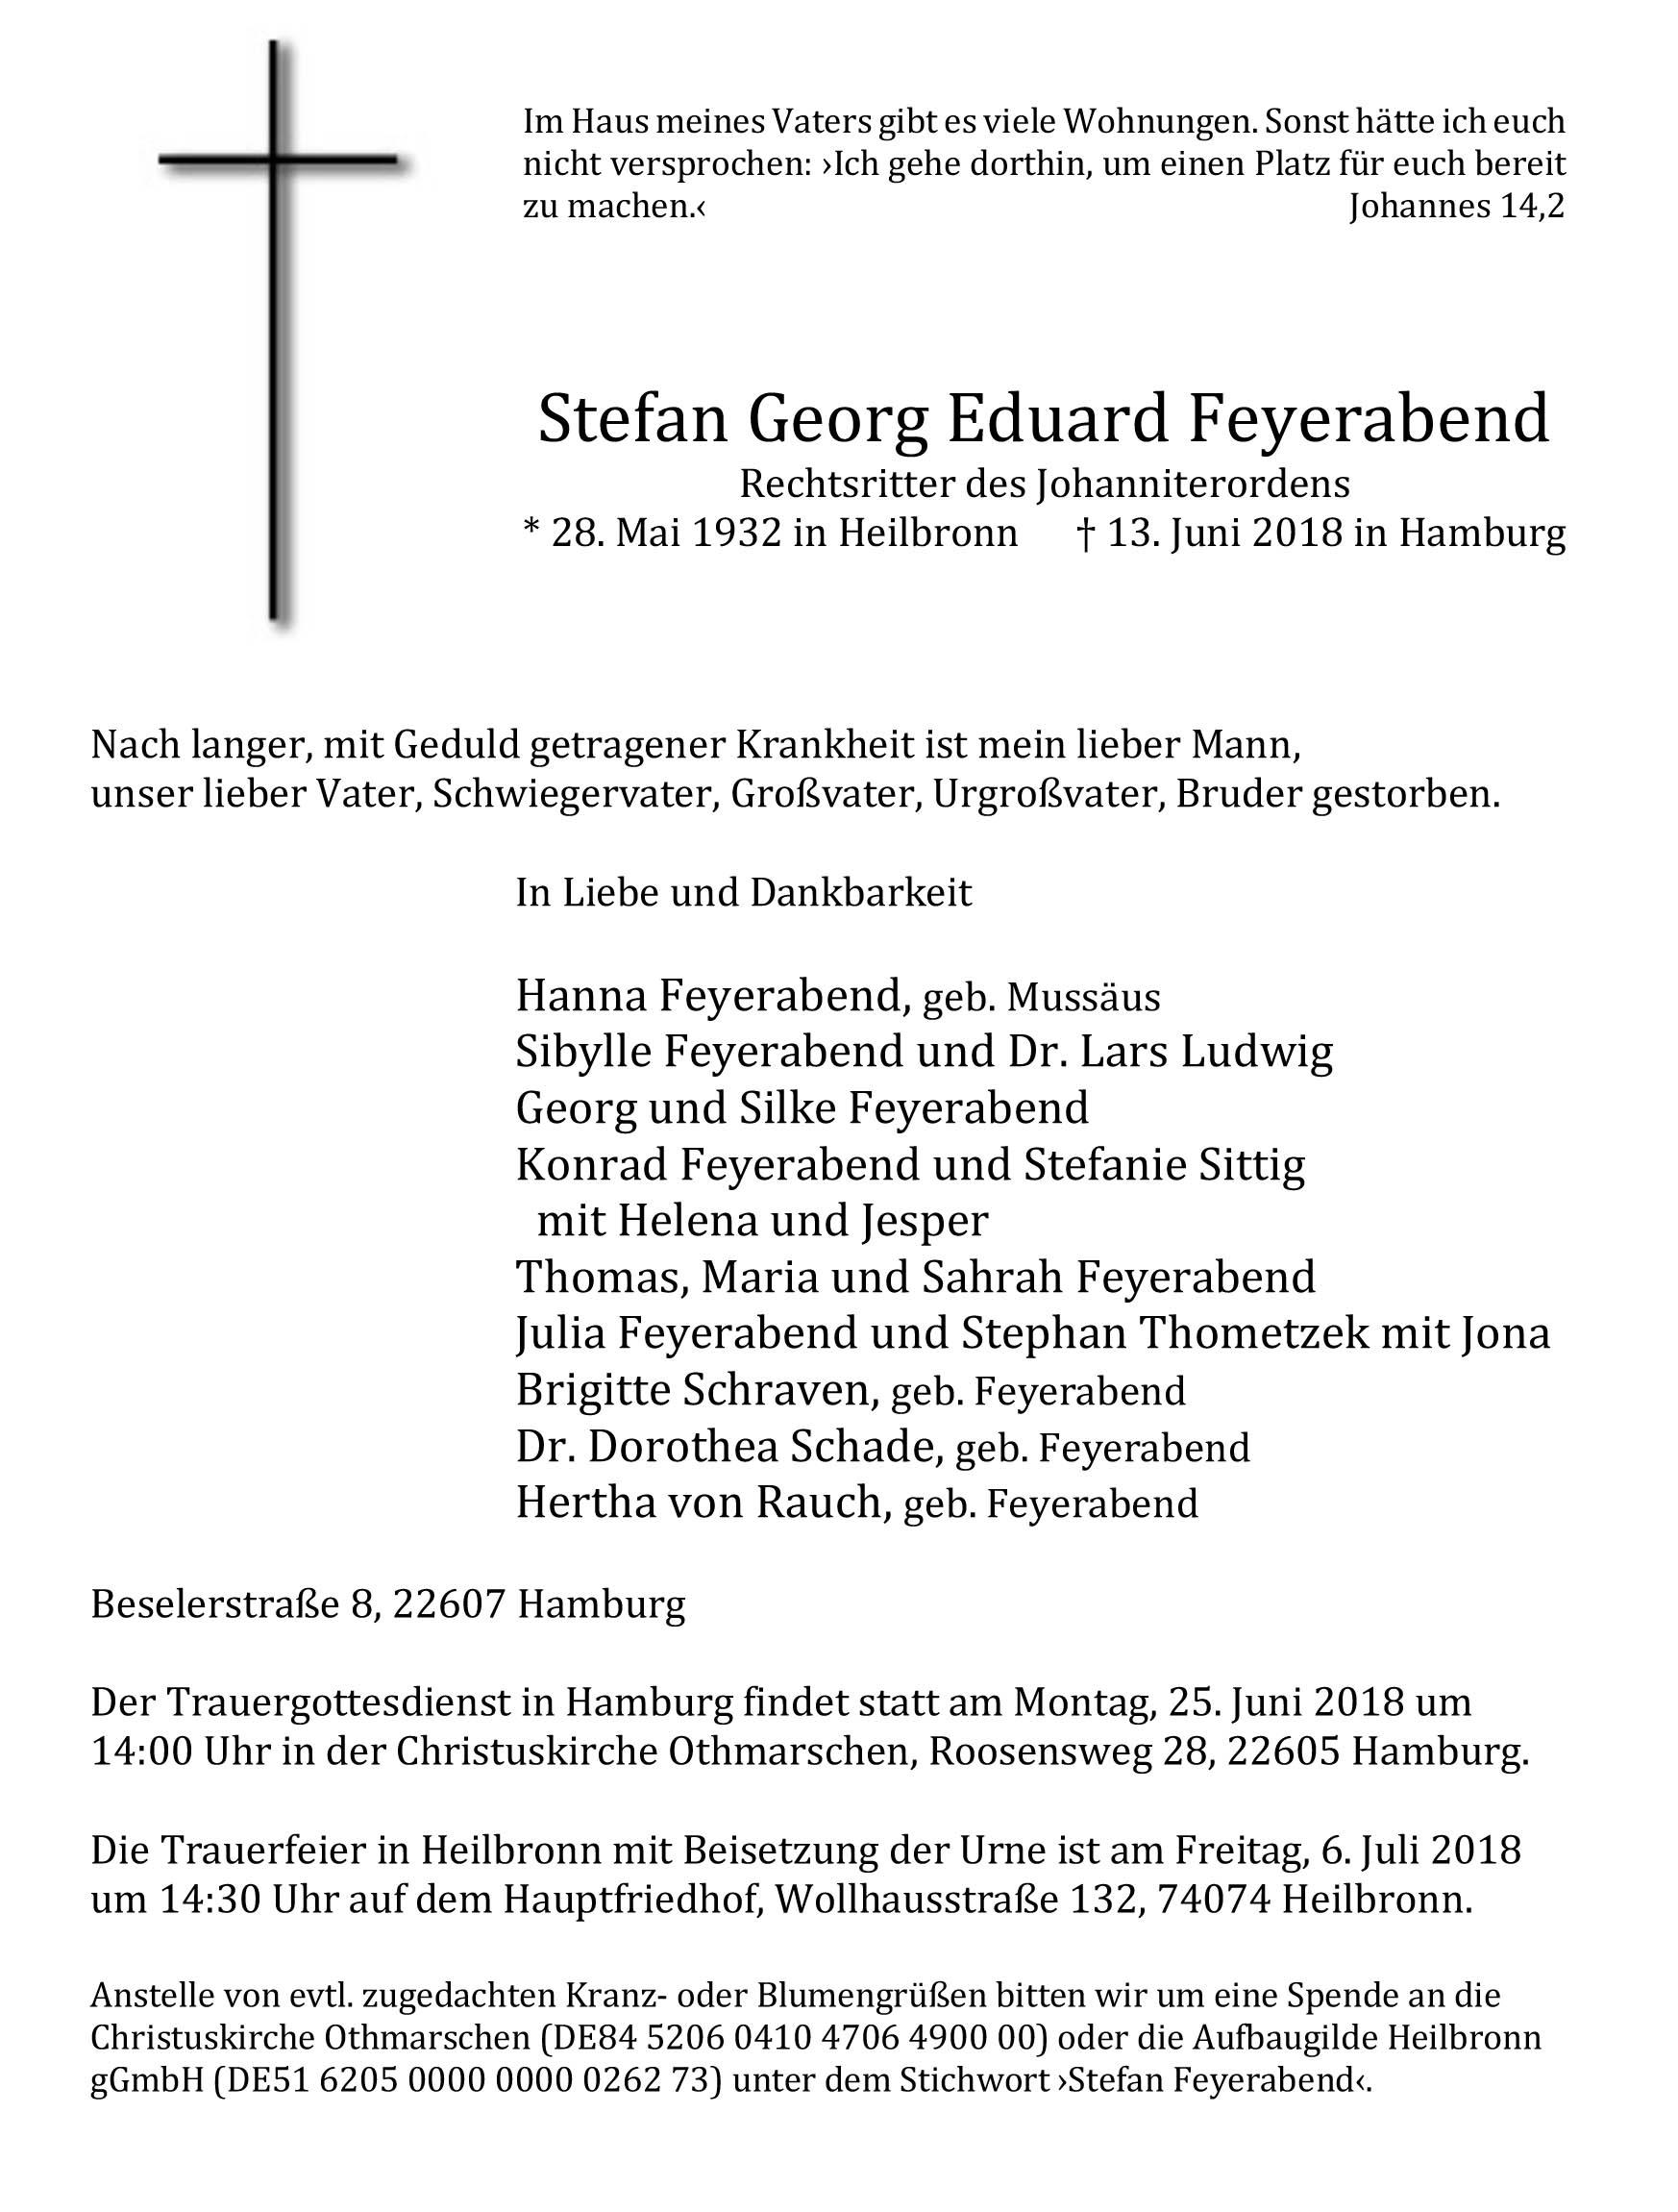 Stefan Feyerabend (1932-2018)